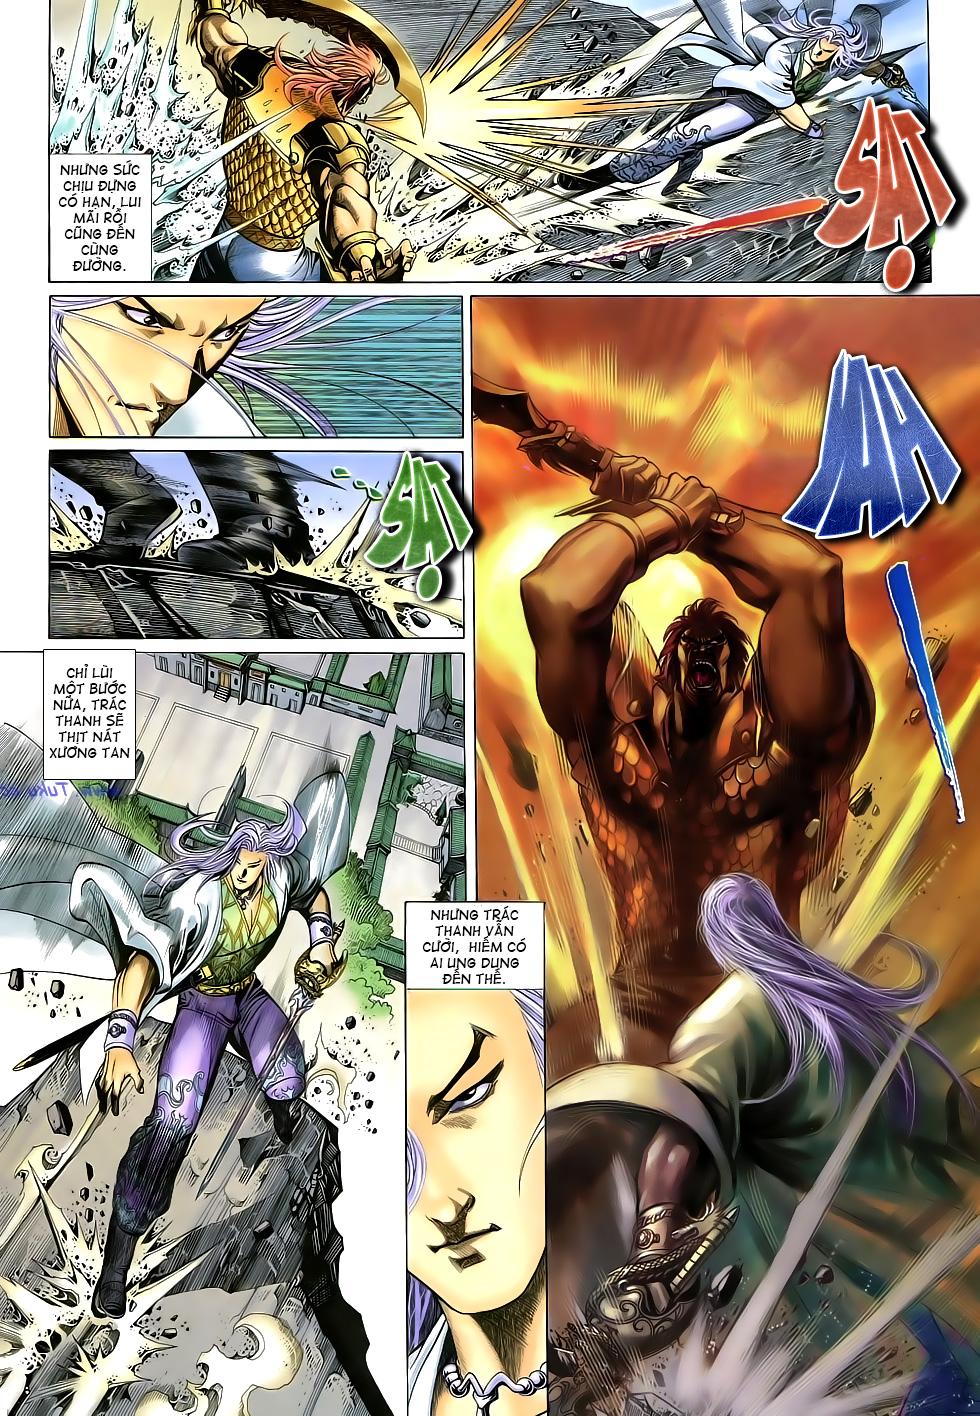 Anh hùng vô lệ Chap 16: Kiếm túy sư cuồng bất lưu đấu  trang 9